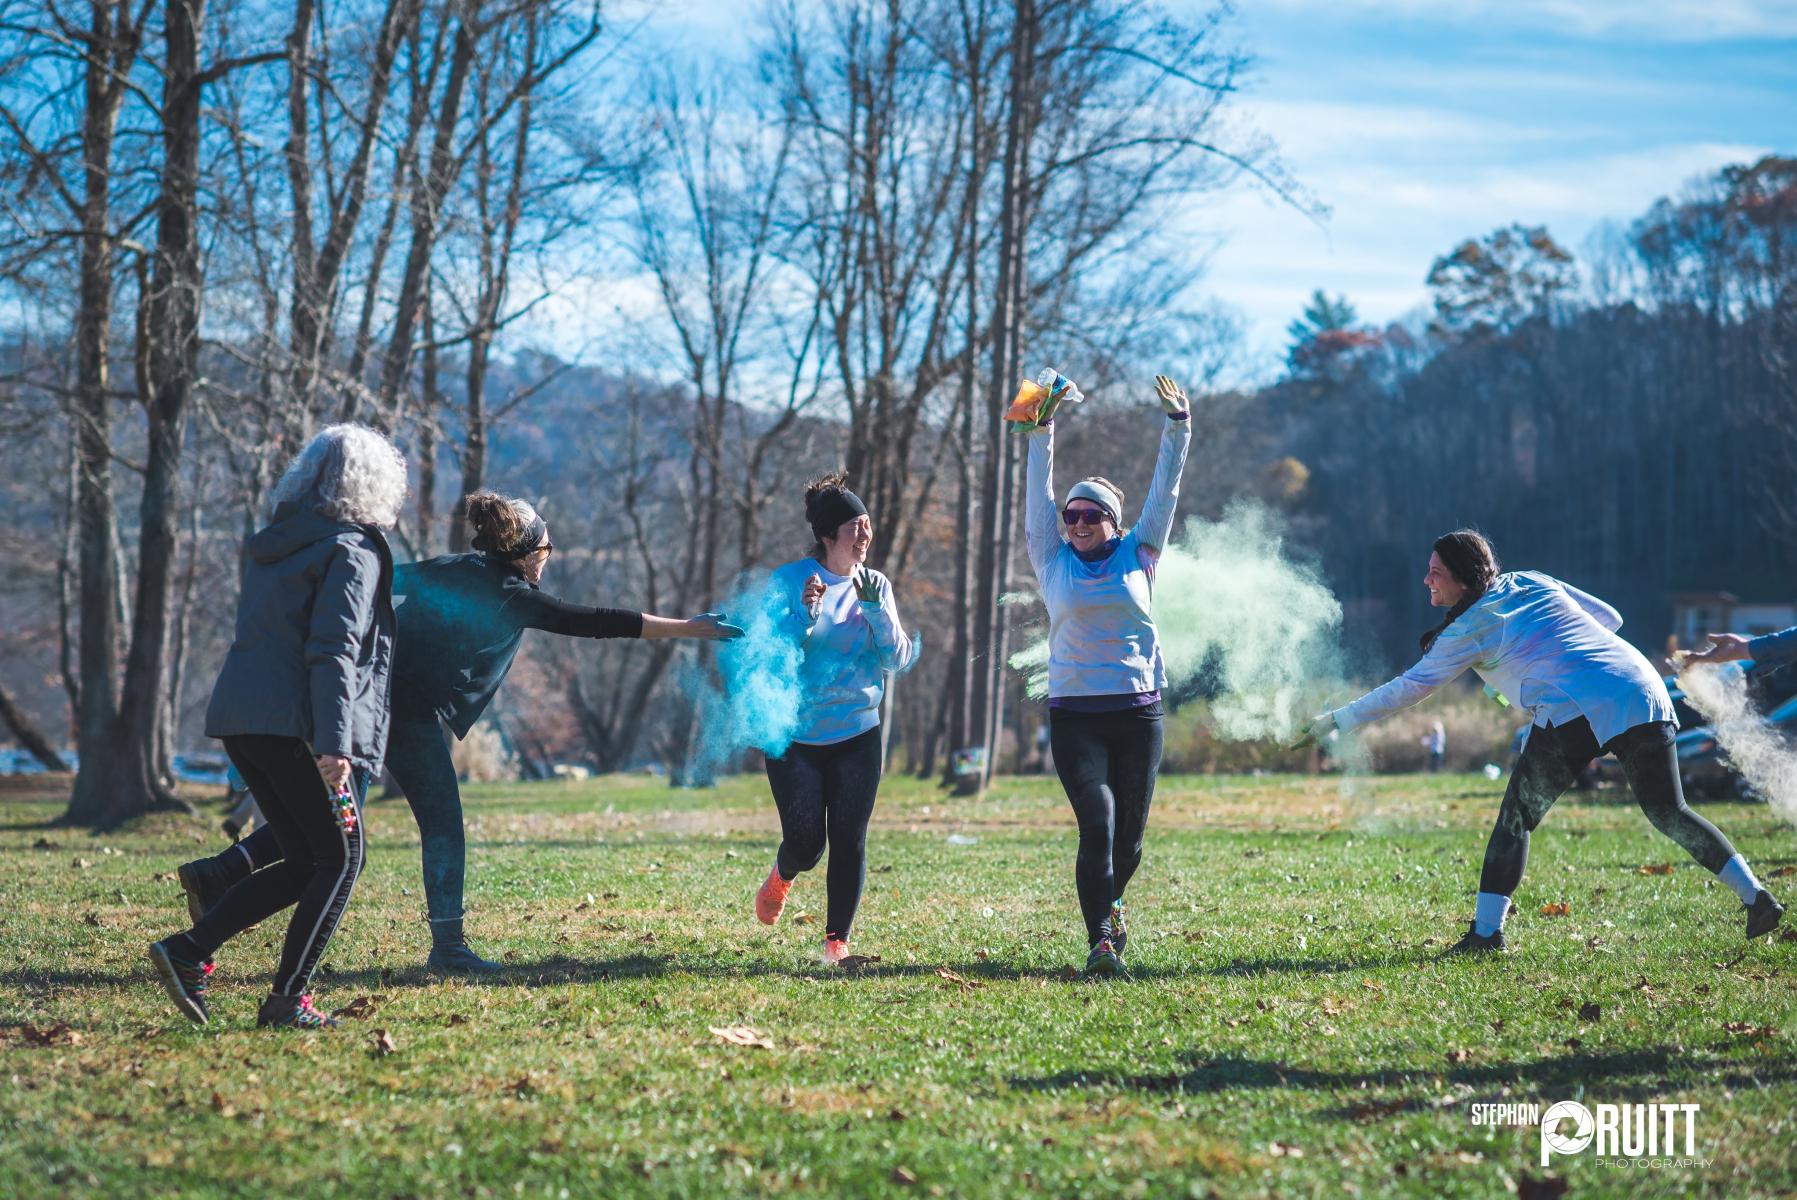 Stephan-Pruitt-Photography-Olivette-Color-Run-5k-Arica-Haro-November-Asheville-2019-94